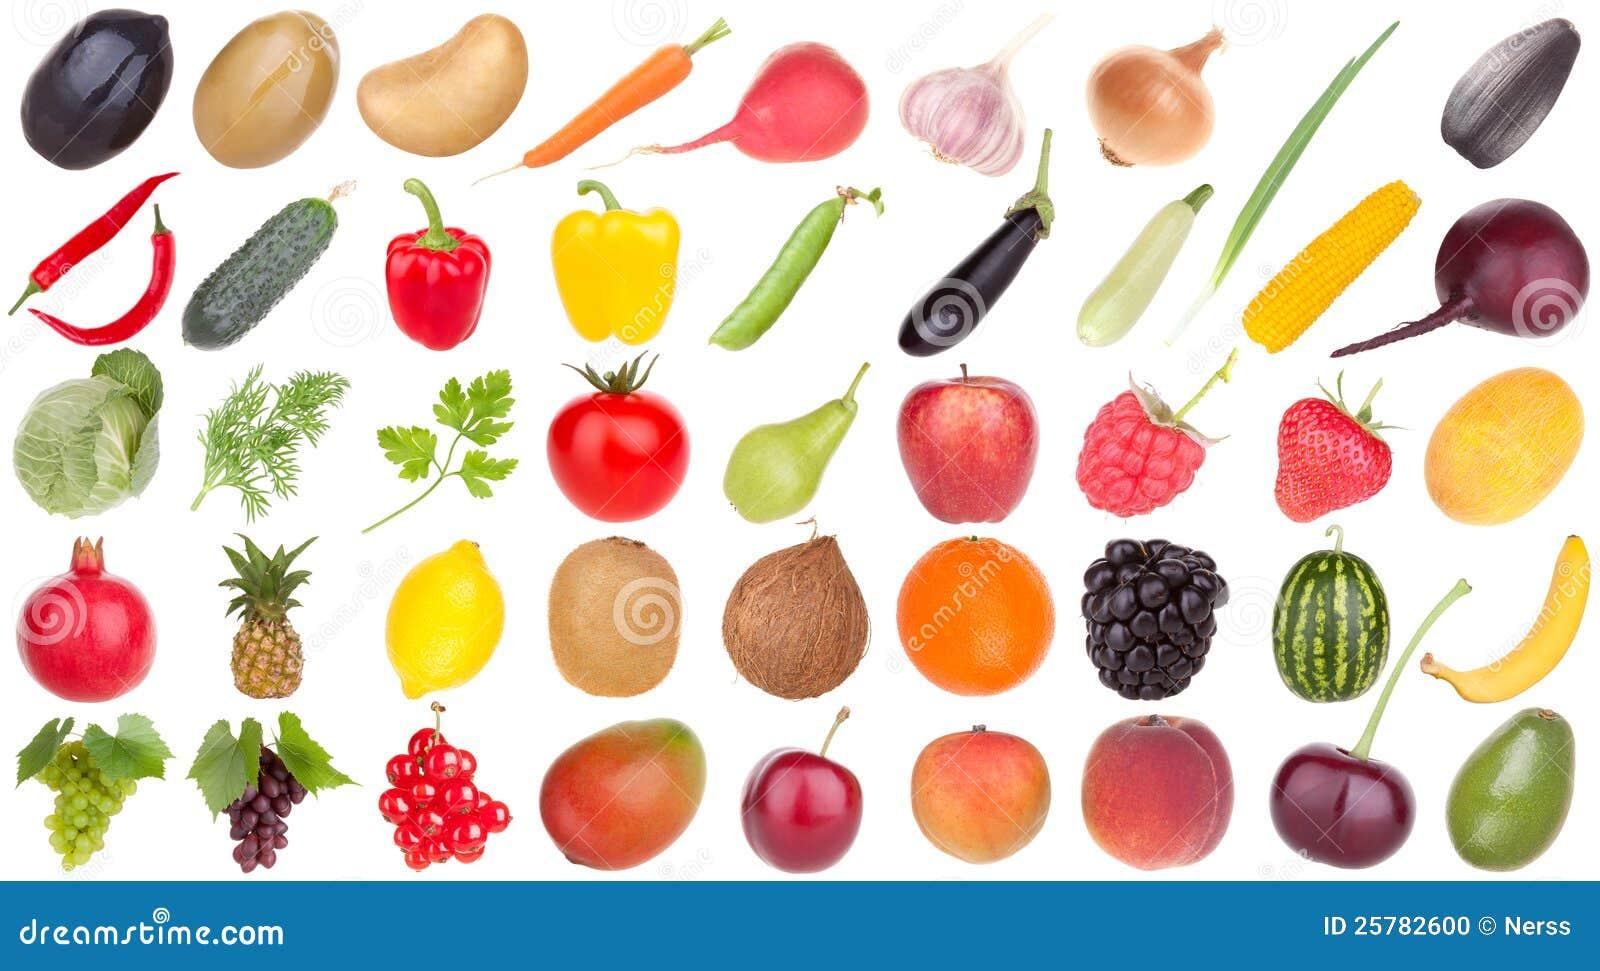 Τρόφιμα φρούτων και λαχανικών